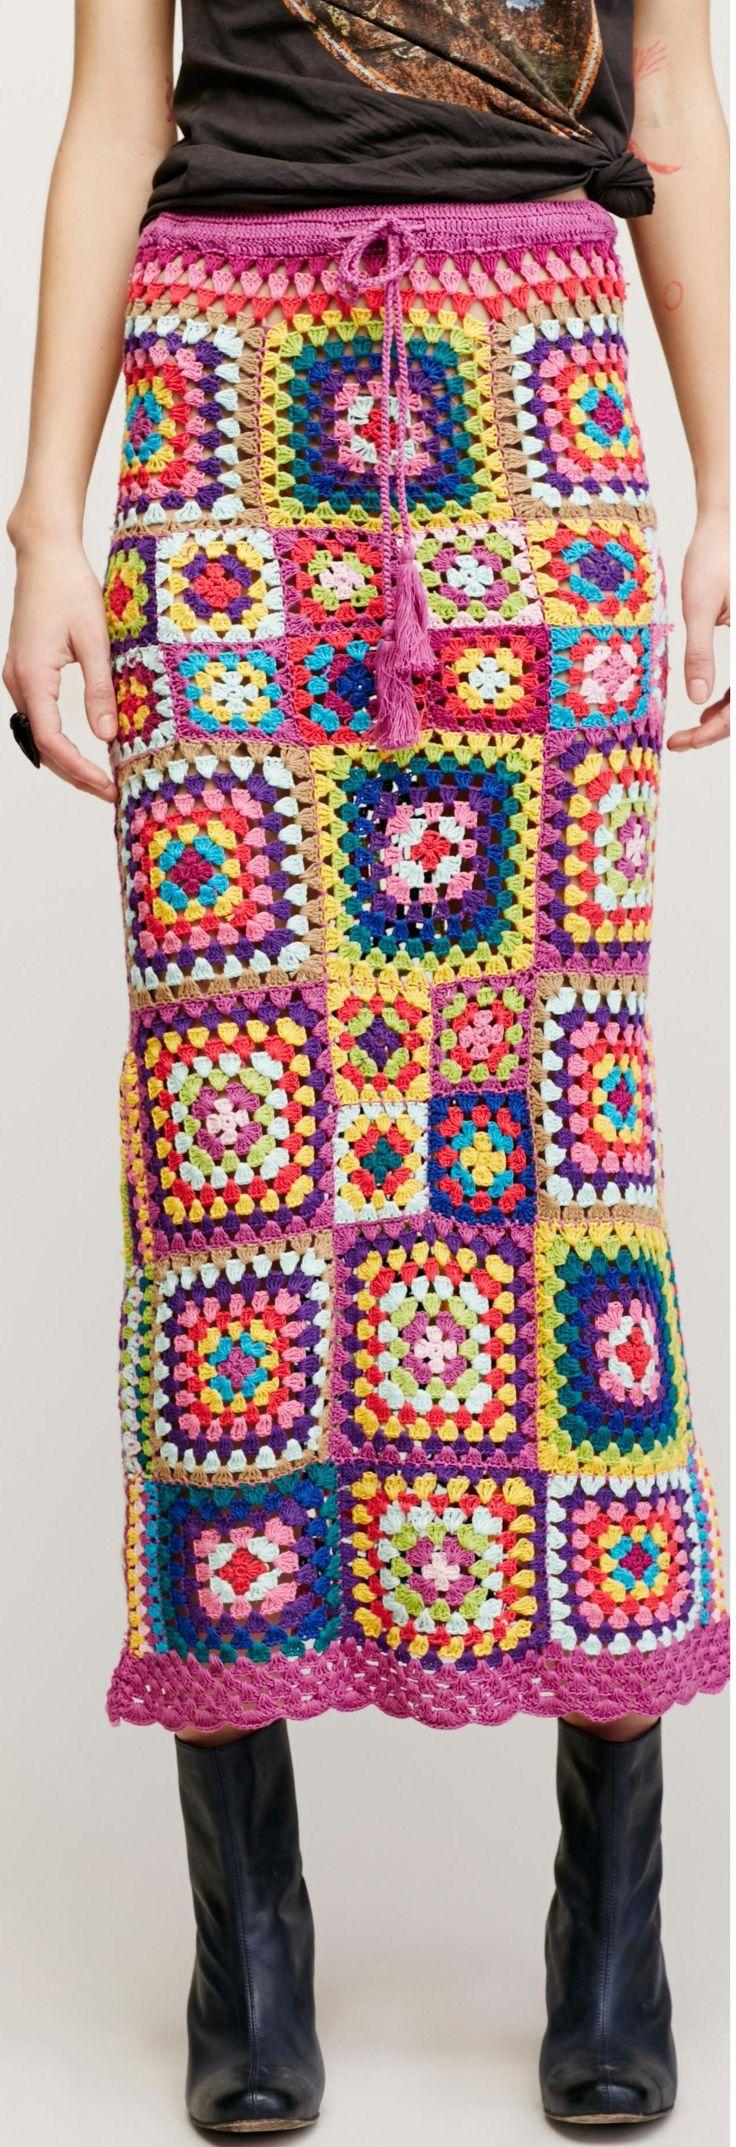 Outstanding Häkeln Ananas Top Muster Images - Decke Stricken Muster ...